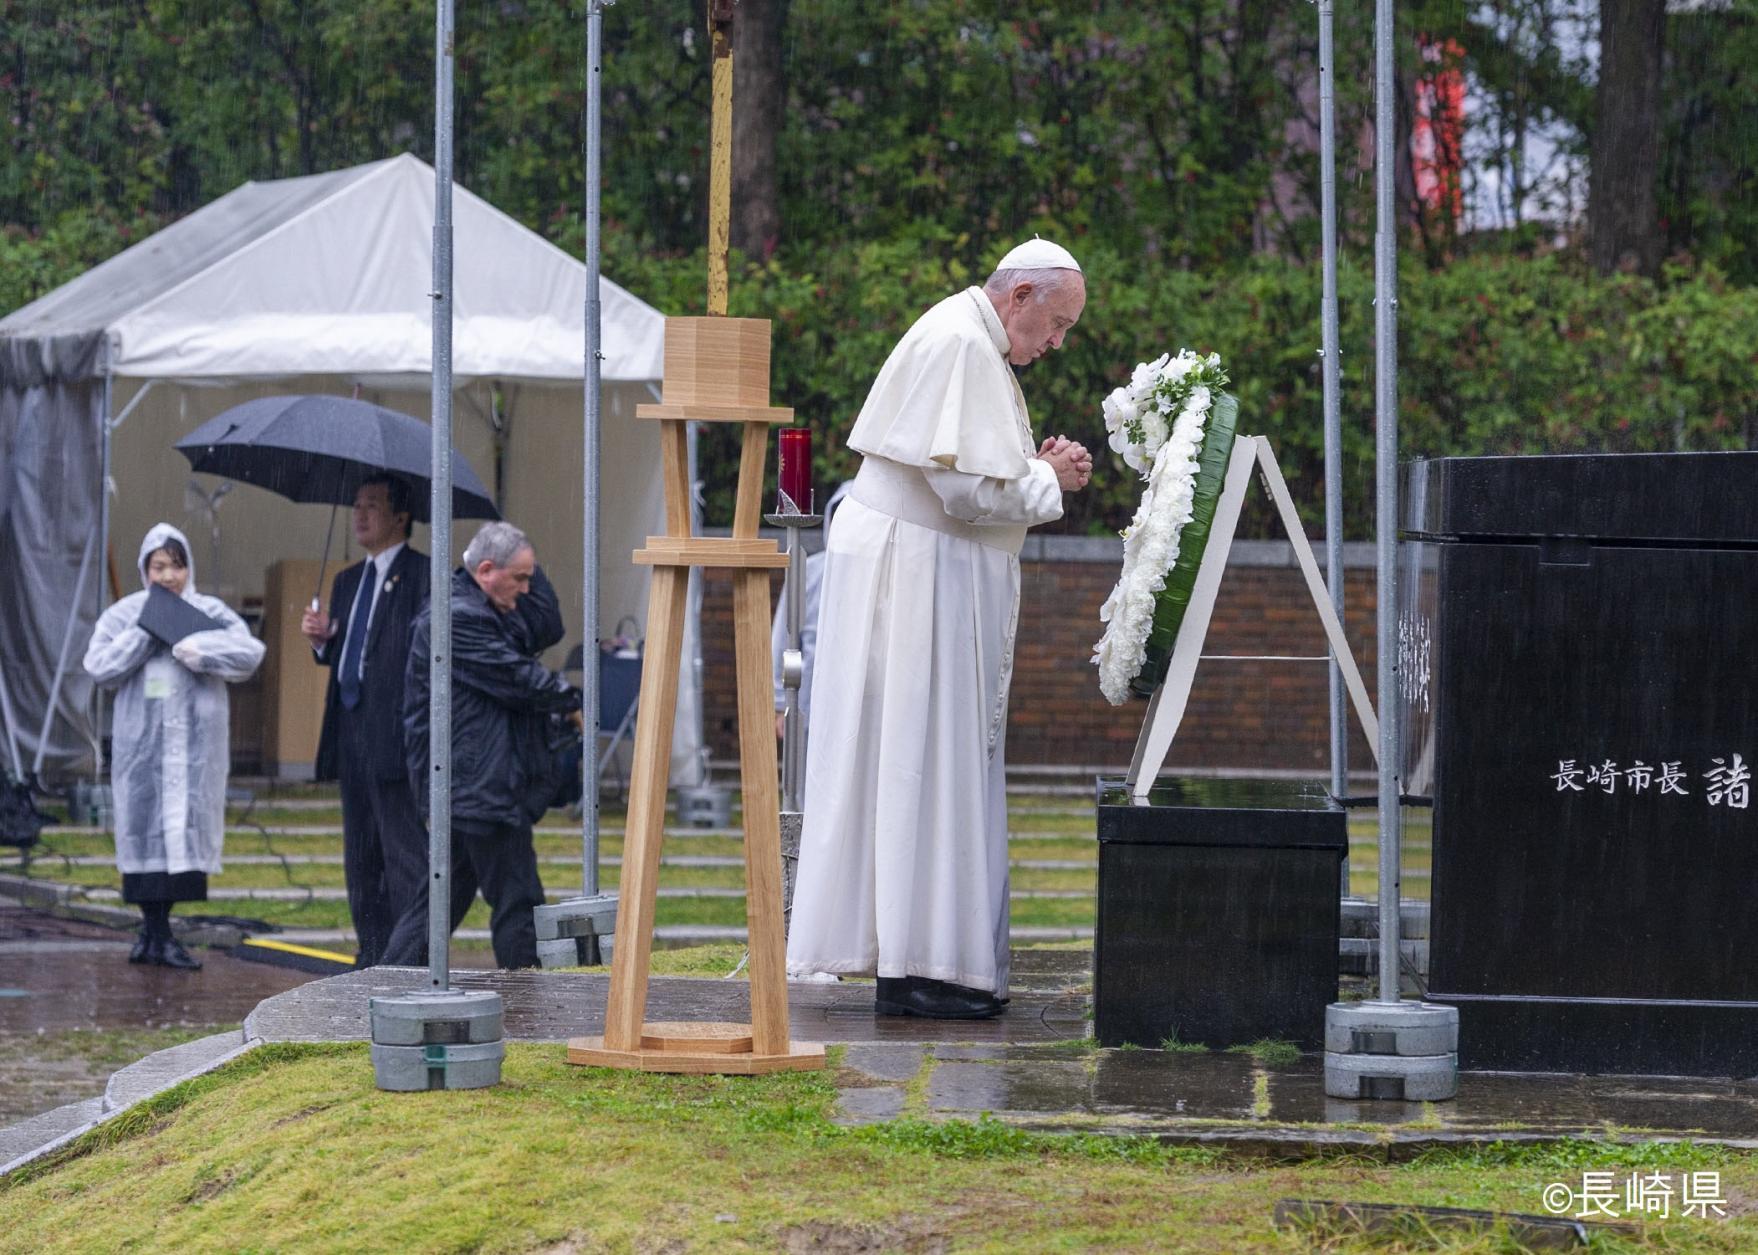 로마 교황이 나가사키에서 방문한 곳을 돌아보는 1일 코스-1